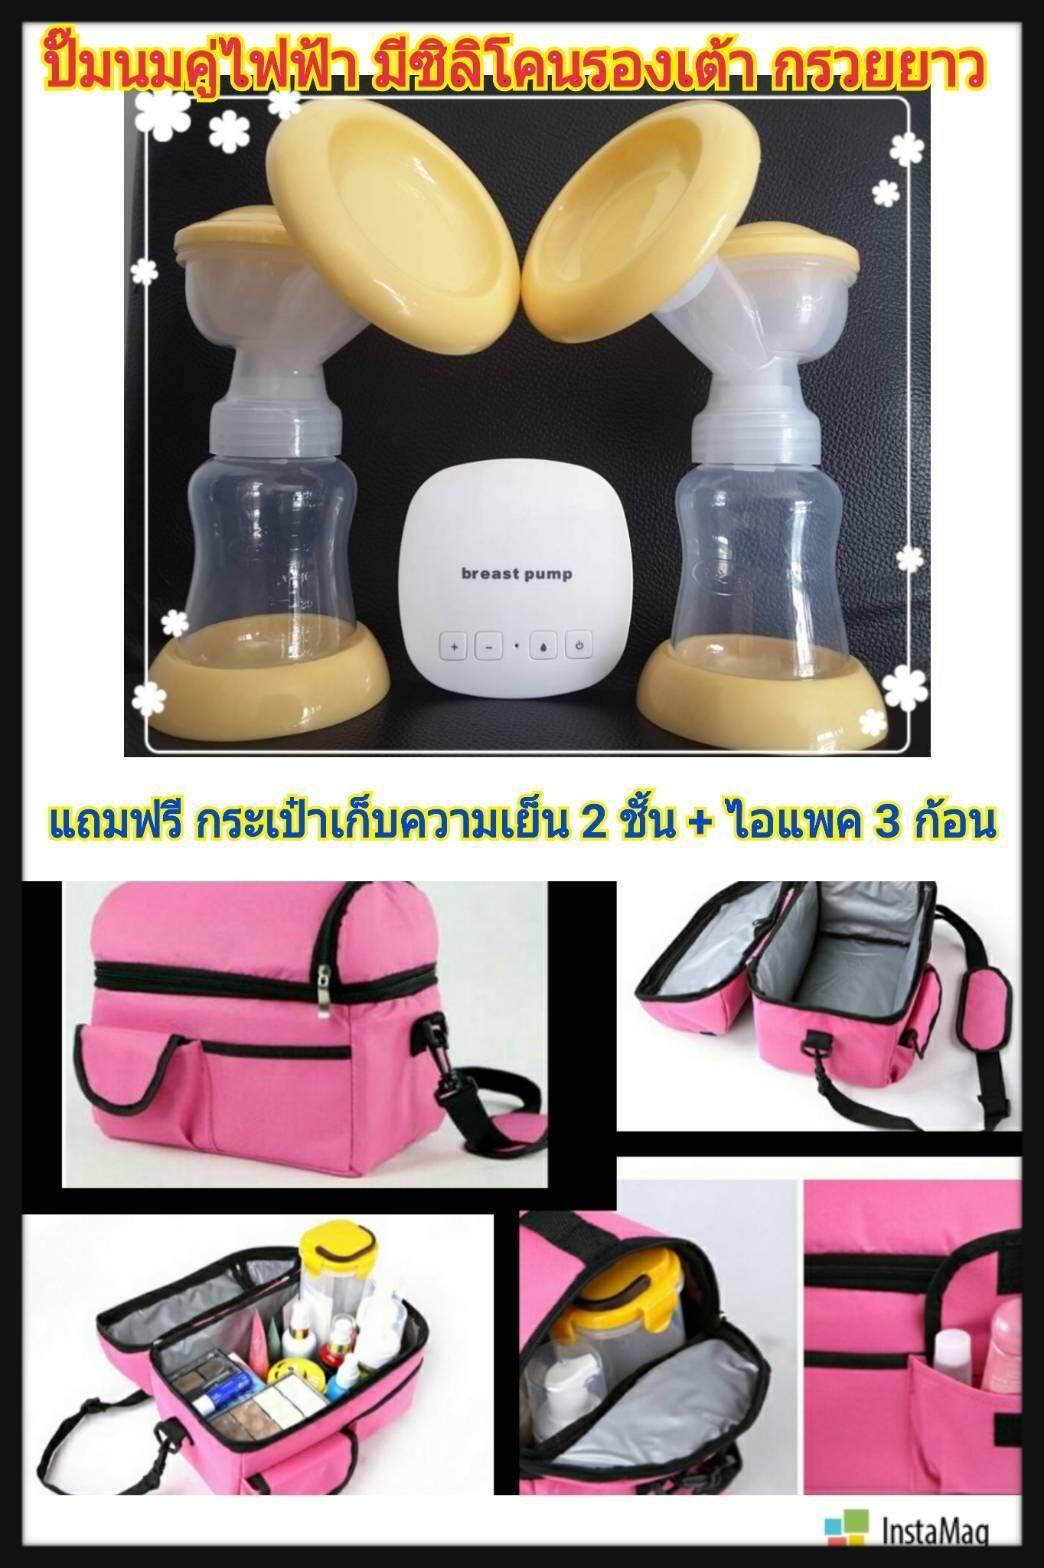 โปรโมชั่น เครื่องปั๊มนม Breast Pump แถม กระเป๋าเก็บความเย็น 2 ชั้นและเจลเย็น 3 ก้อน